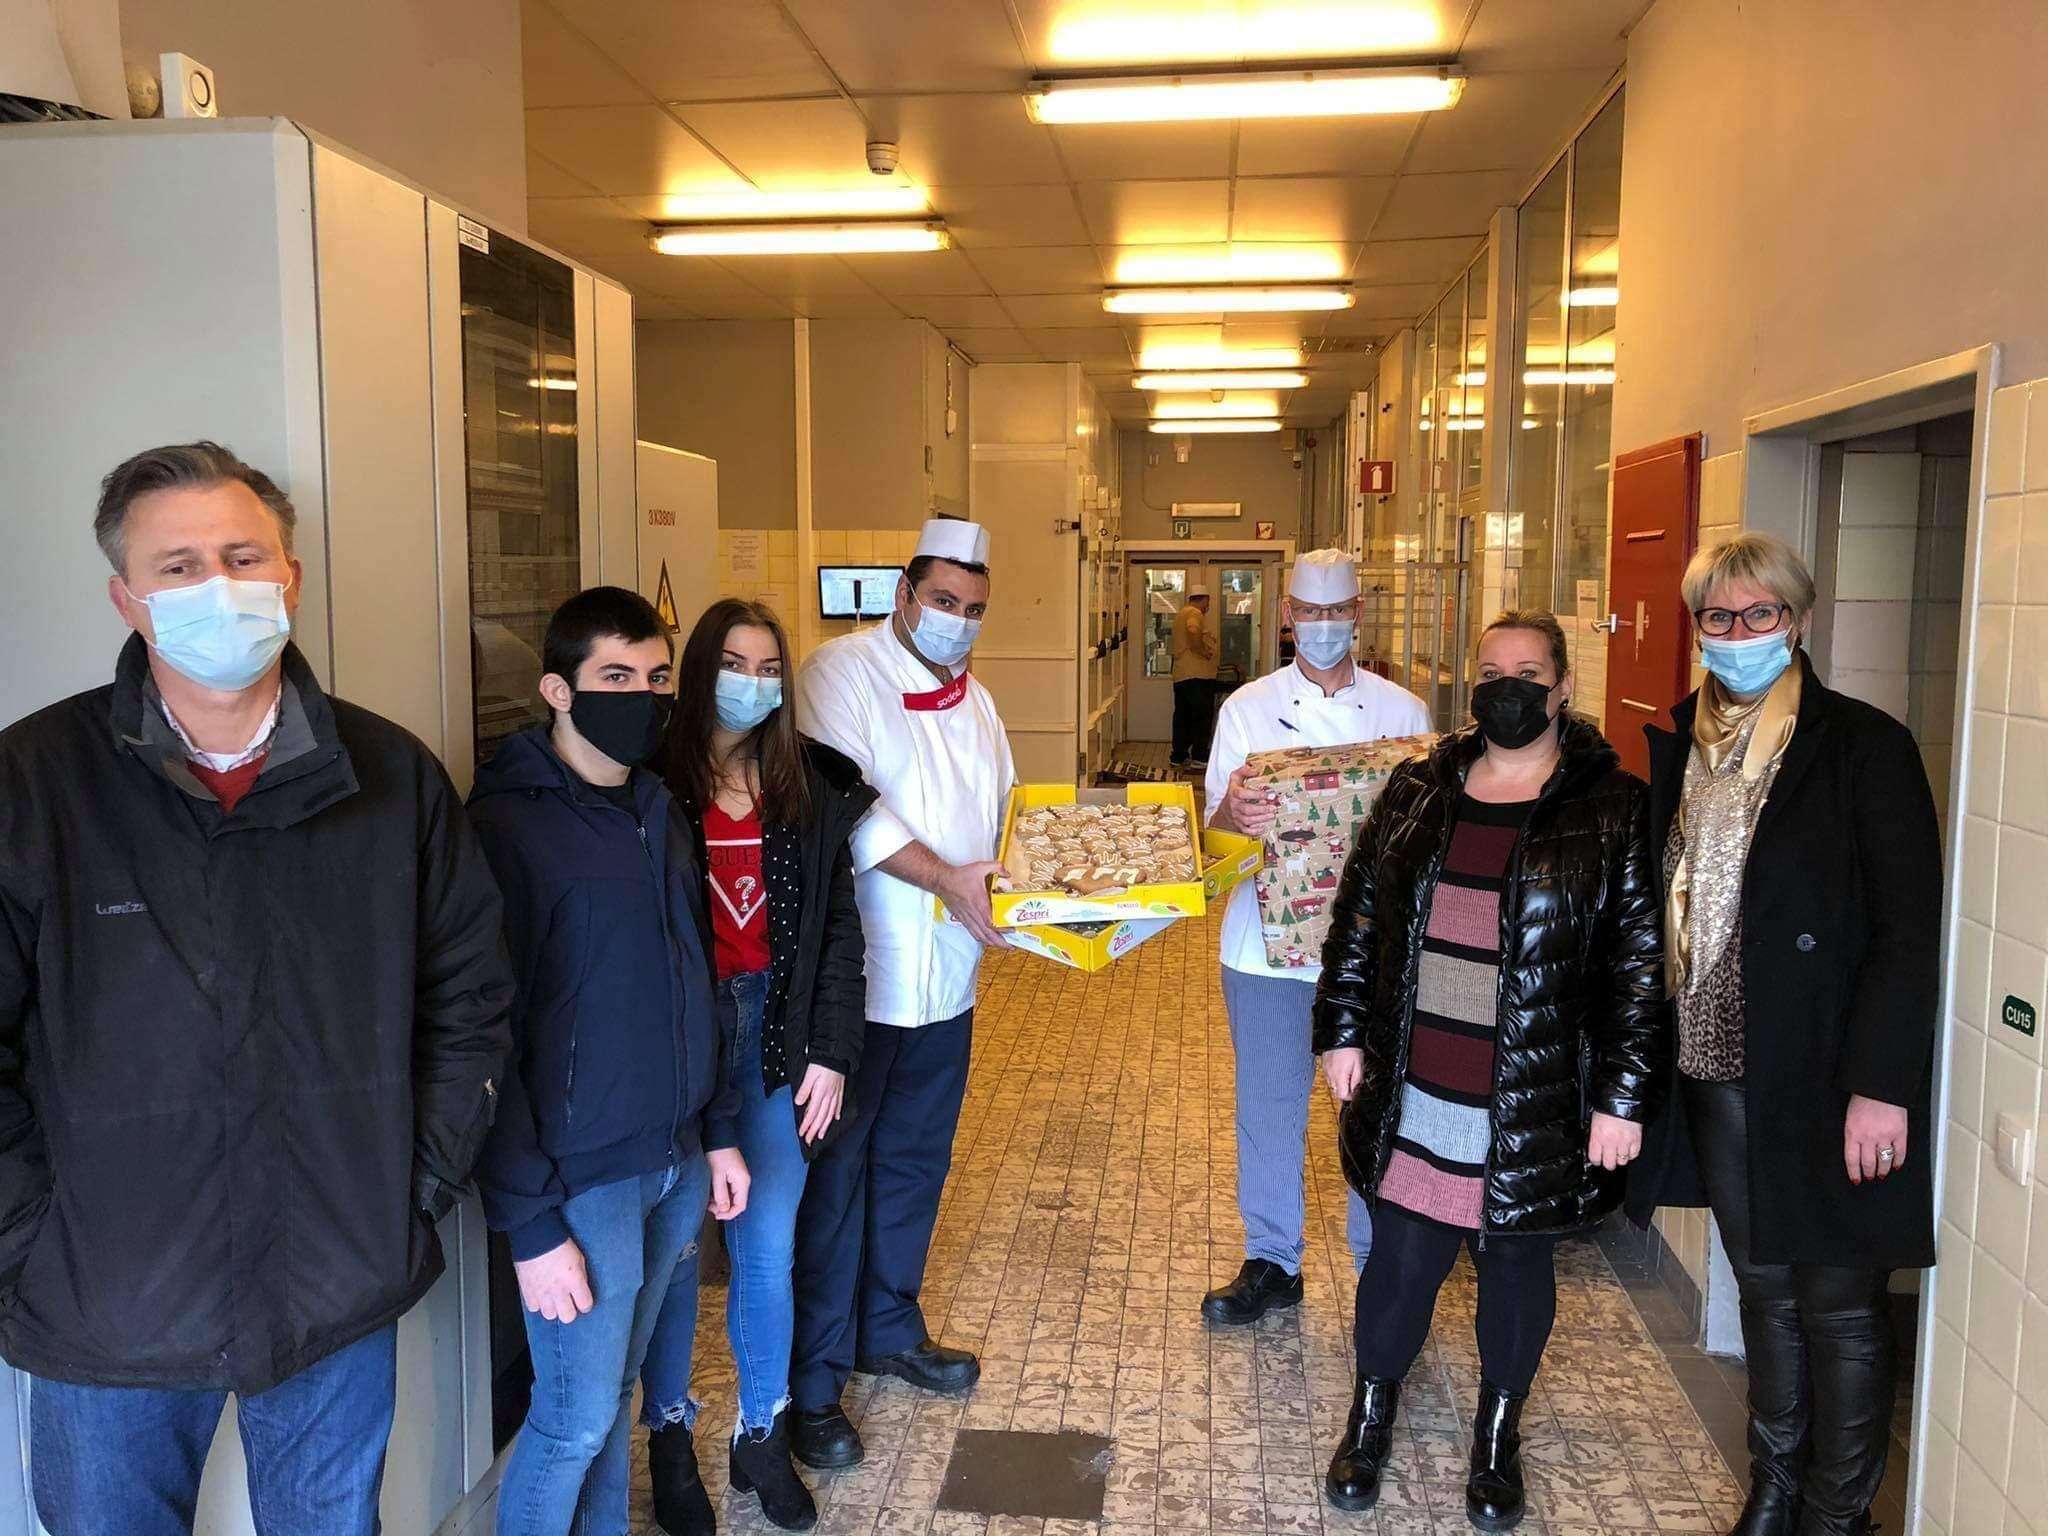 Des biscuits distribués au personnel hospitalier